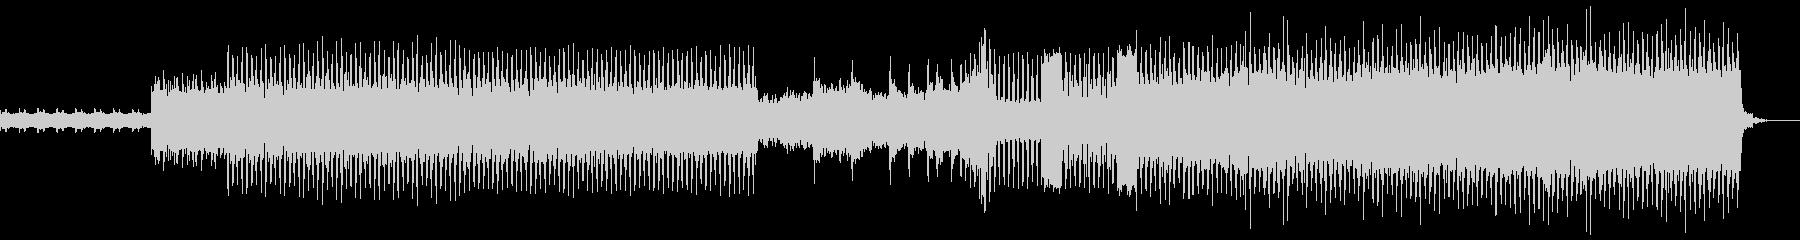 和楽器を使用しない和風のハードコアテクノの未再生の波形